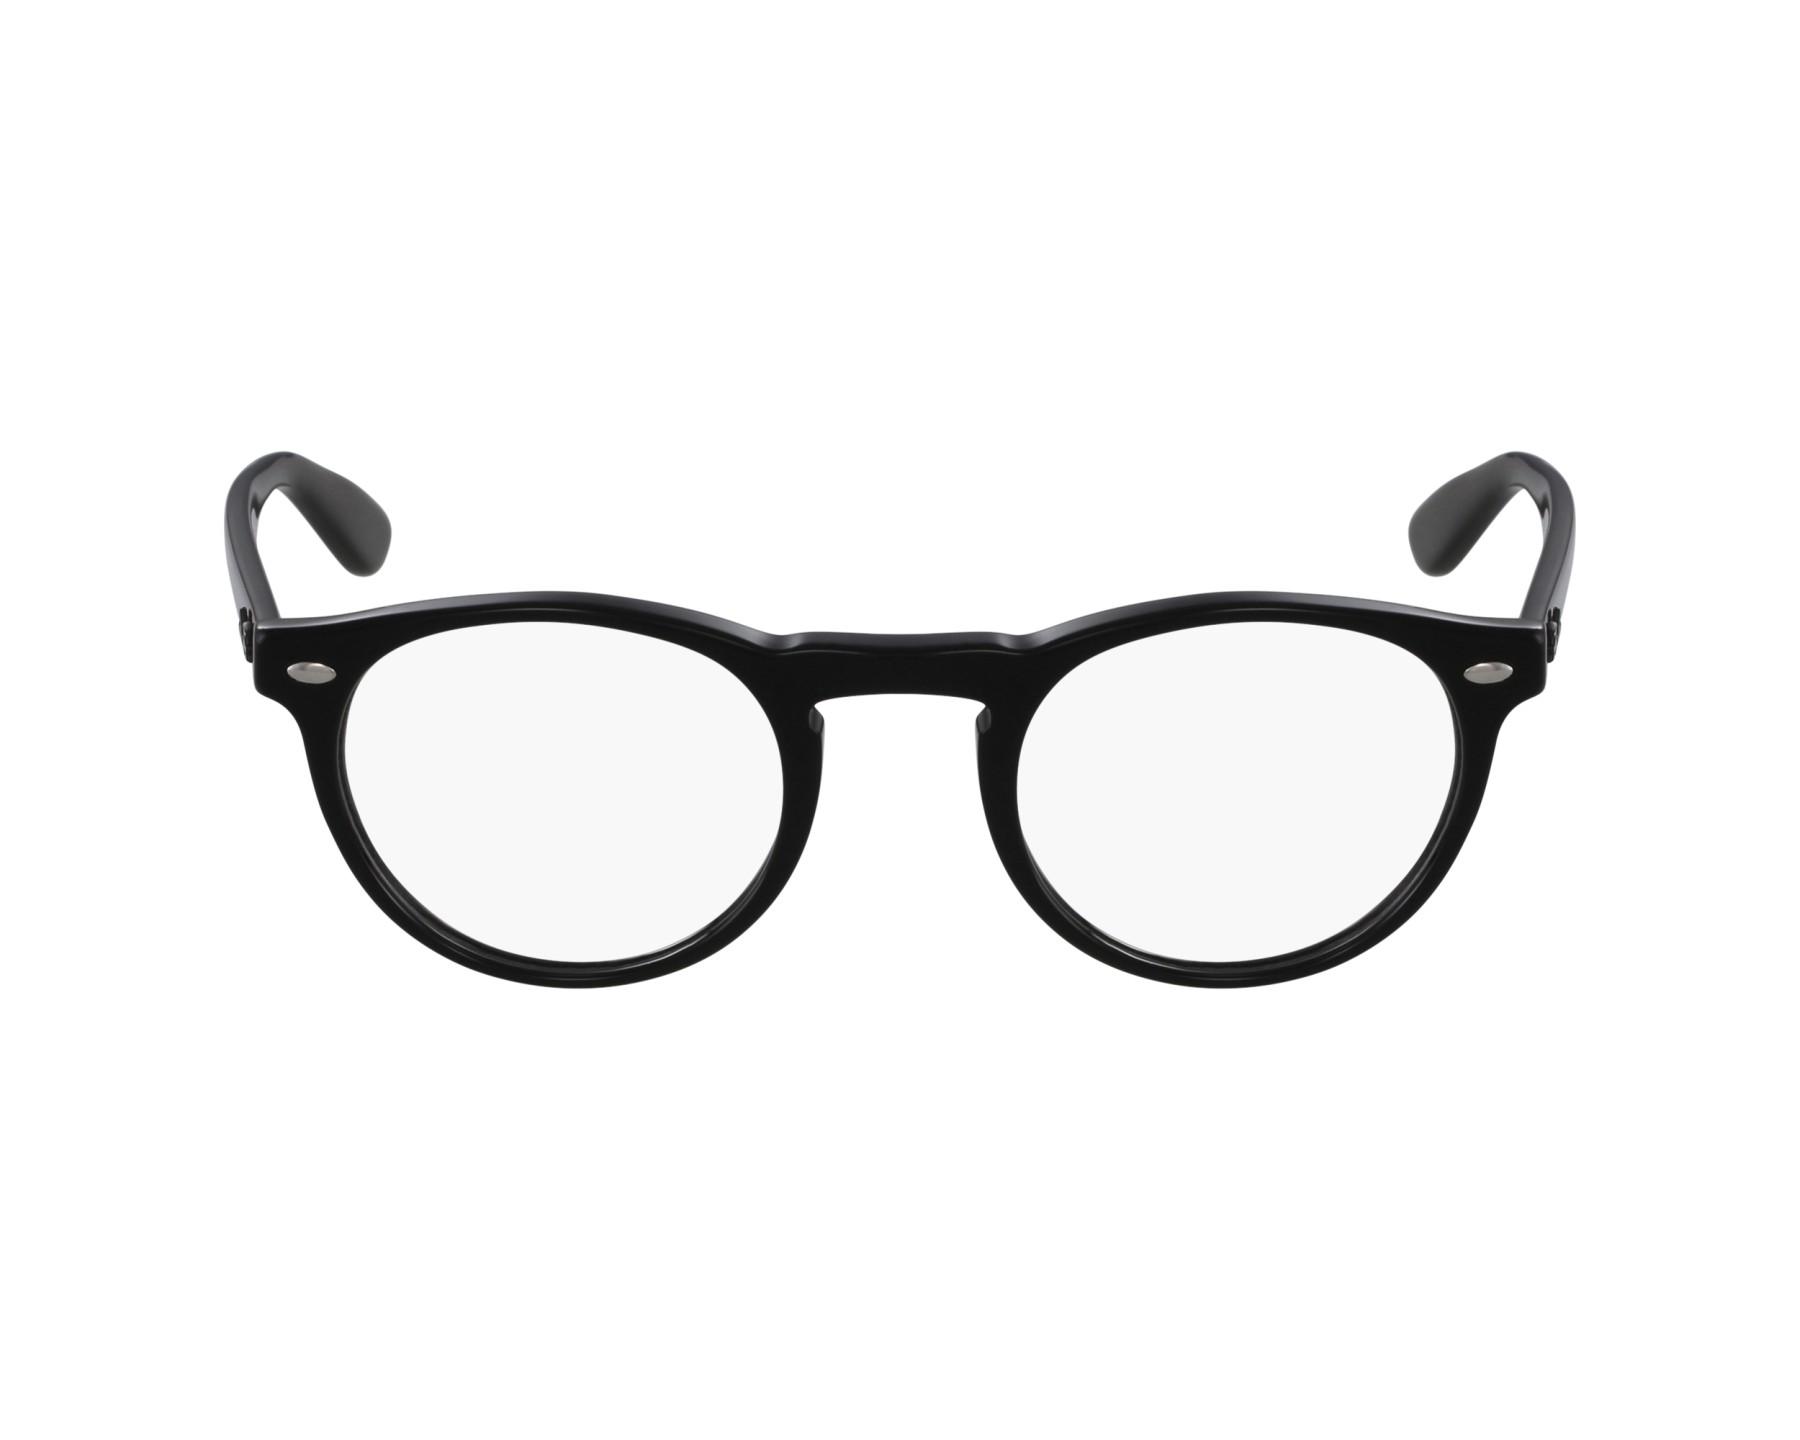 b70a0cdda9 Gafas Graduadas Ray-Ban RX-5283 2000 47-21 Negra vista de perfil